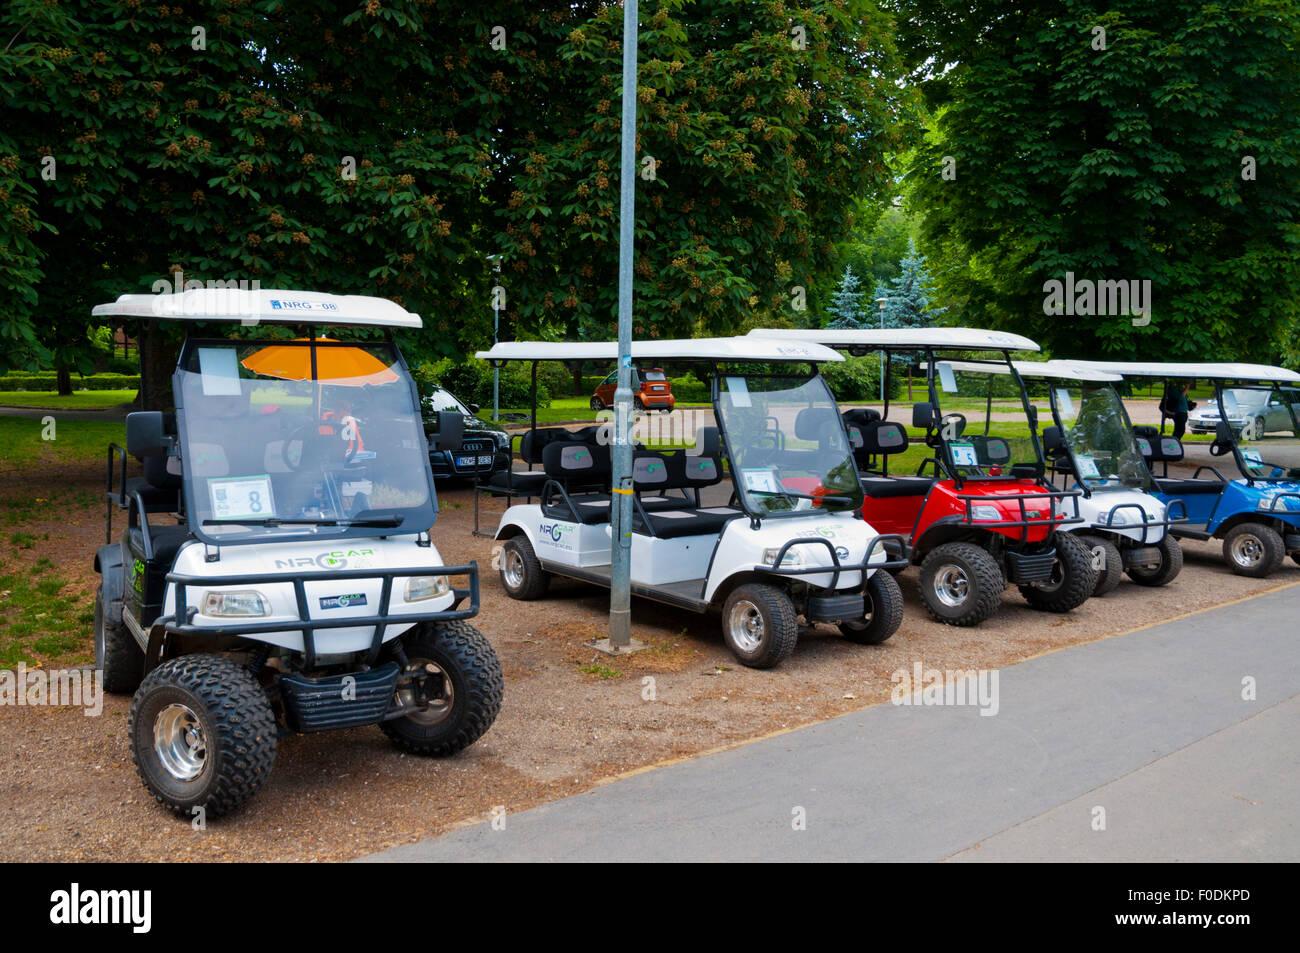 Golf carts stock photos golf carts stock images alamy for Narrow golf cart